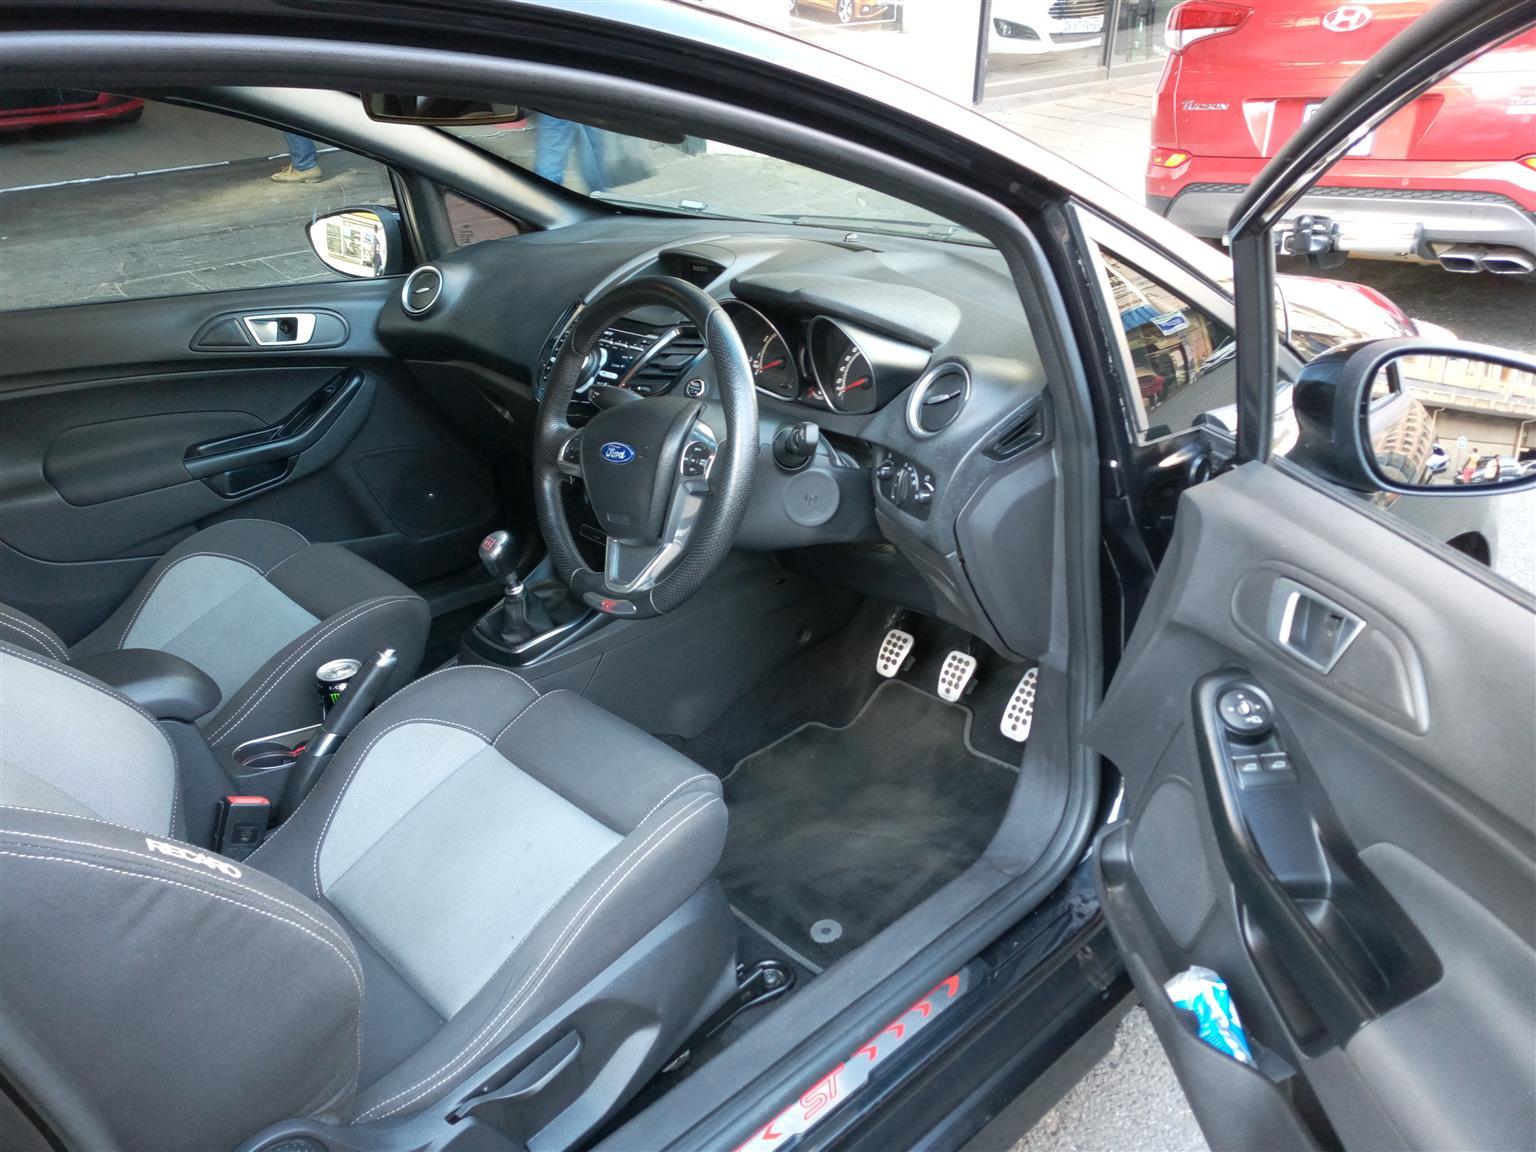 2014 Ford Fiesta 5 door 1.6 S